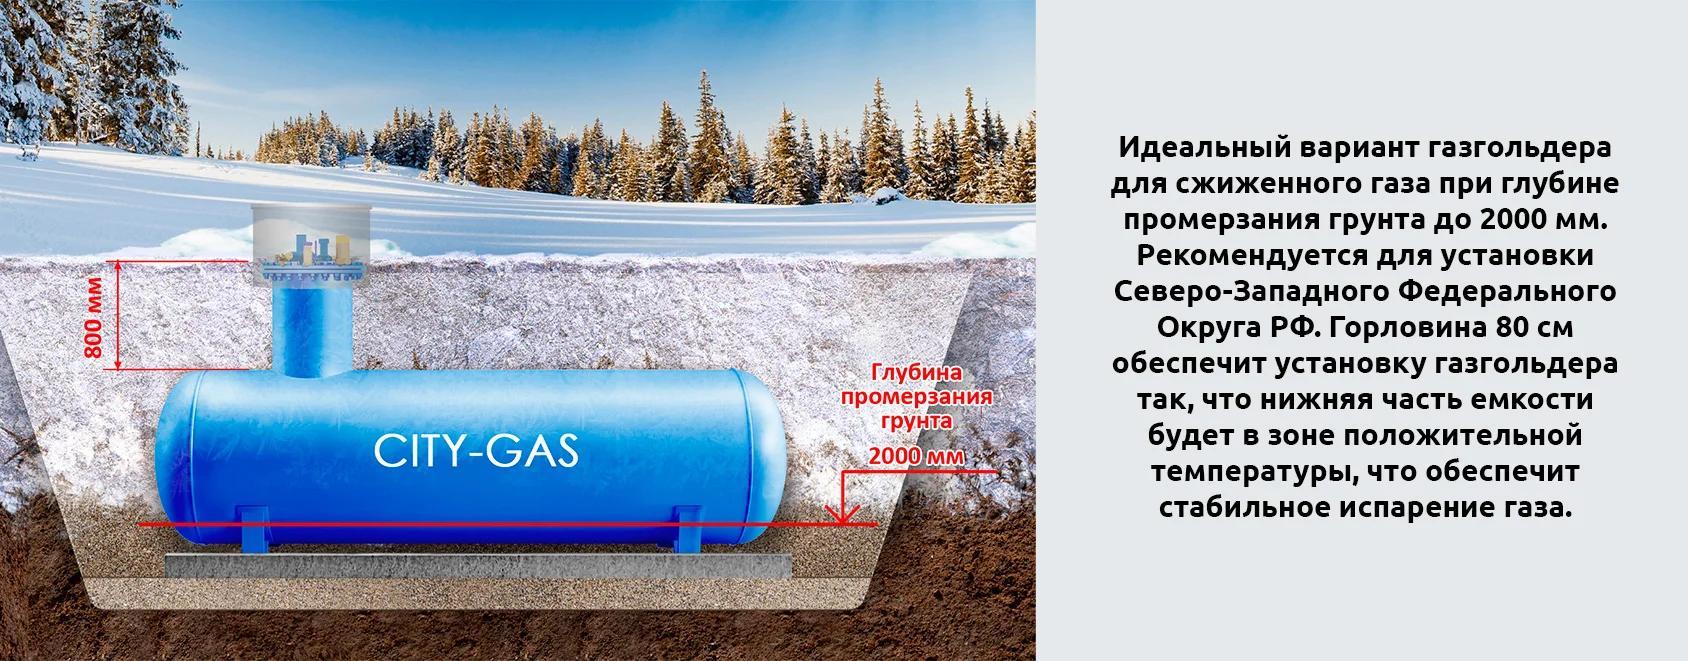 Пример монтажа газгольдера с горловиной 80 см